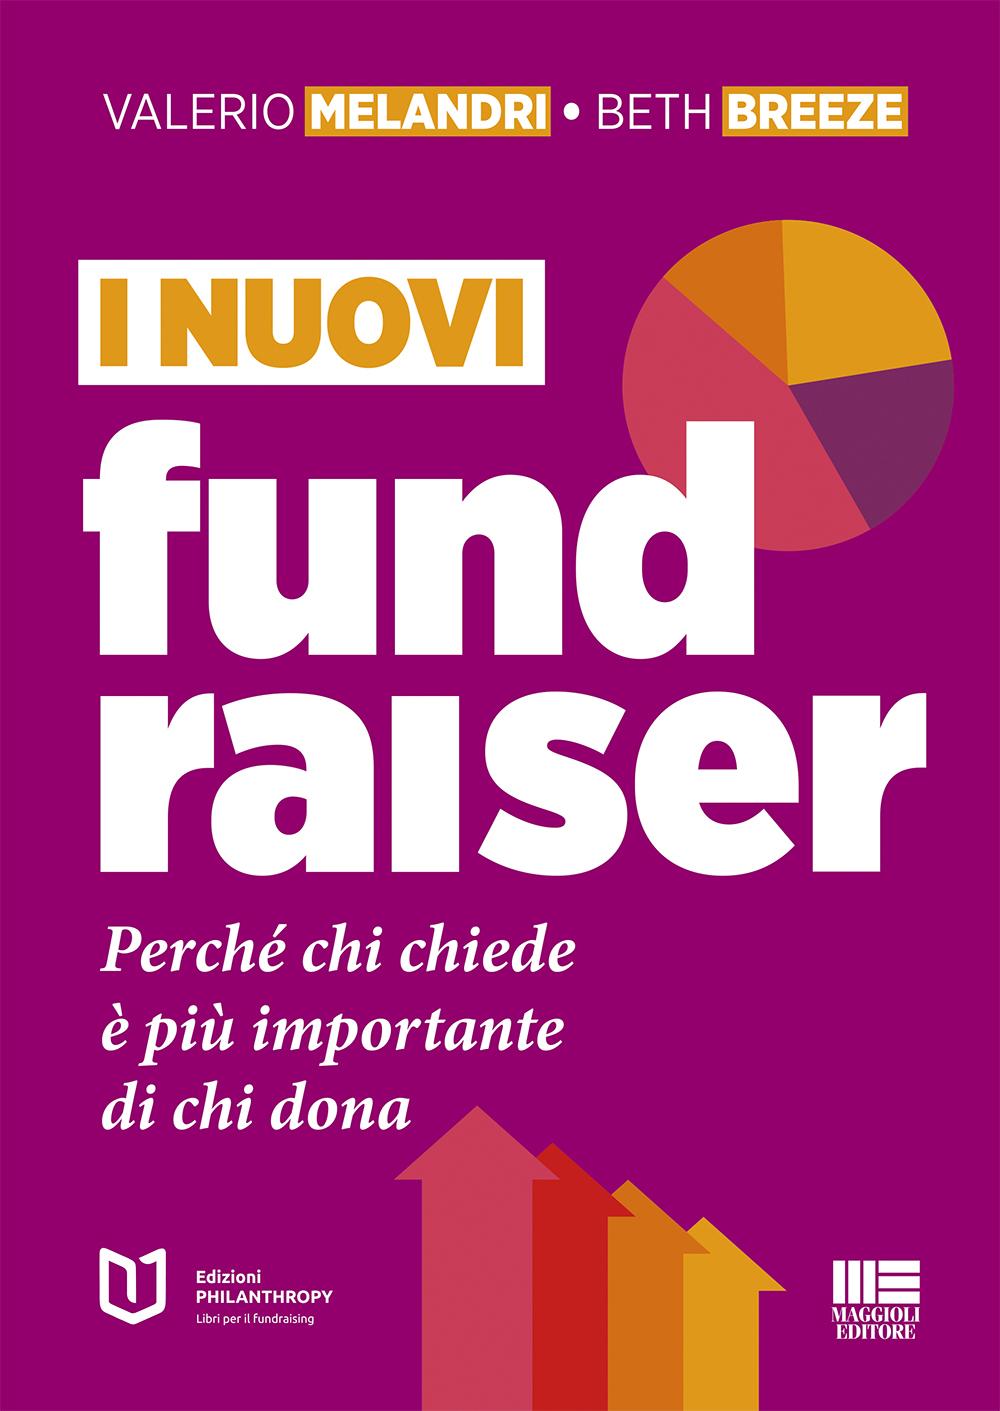 I nuovi fundraiser - Libro di carta